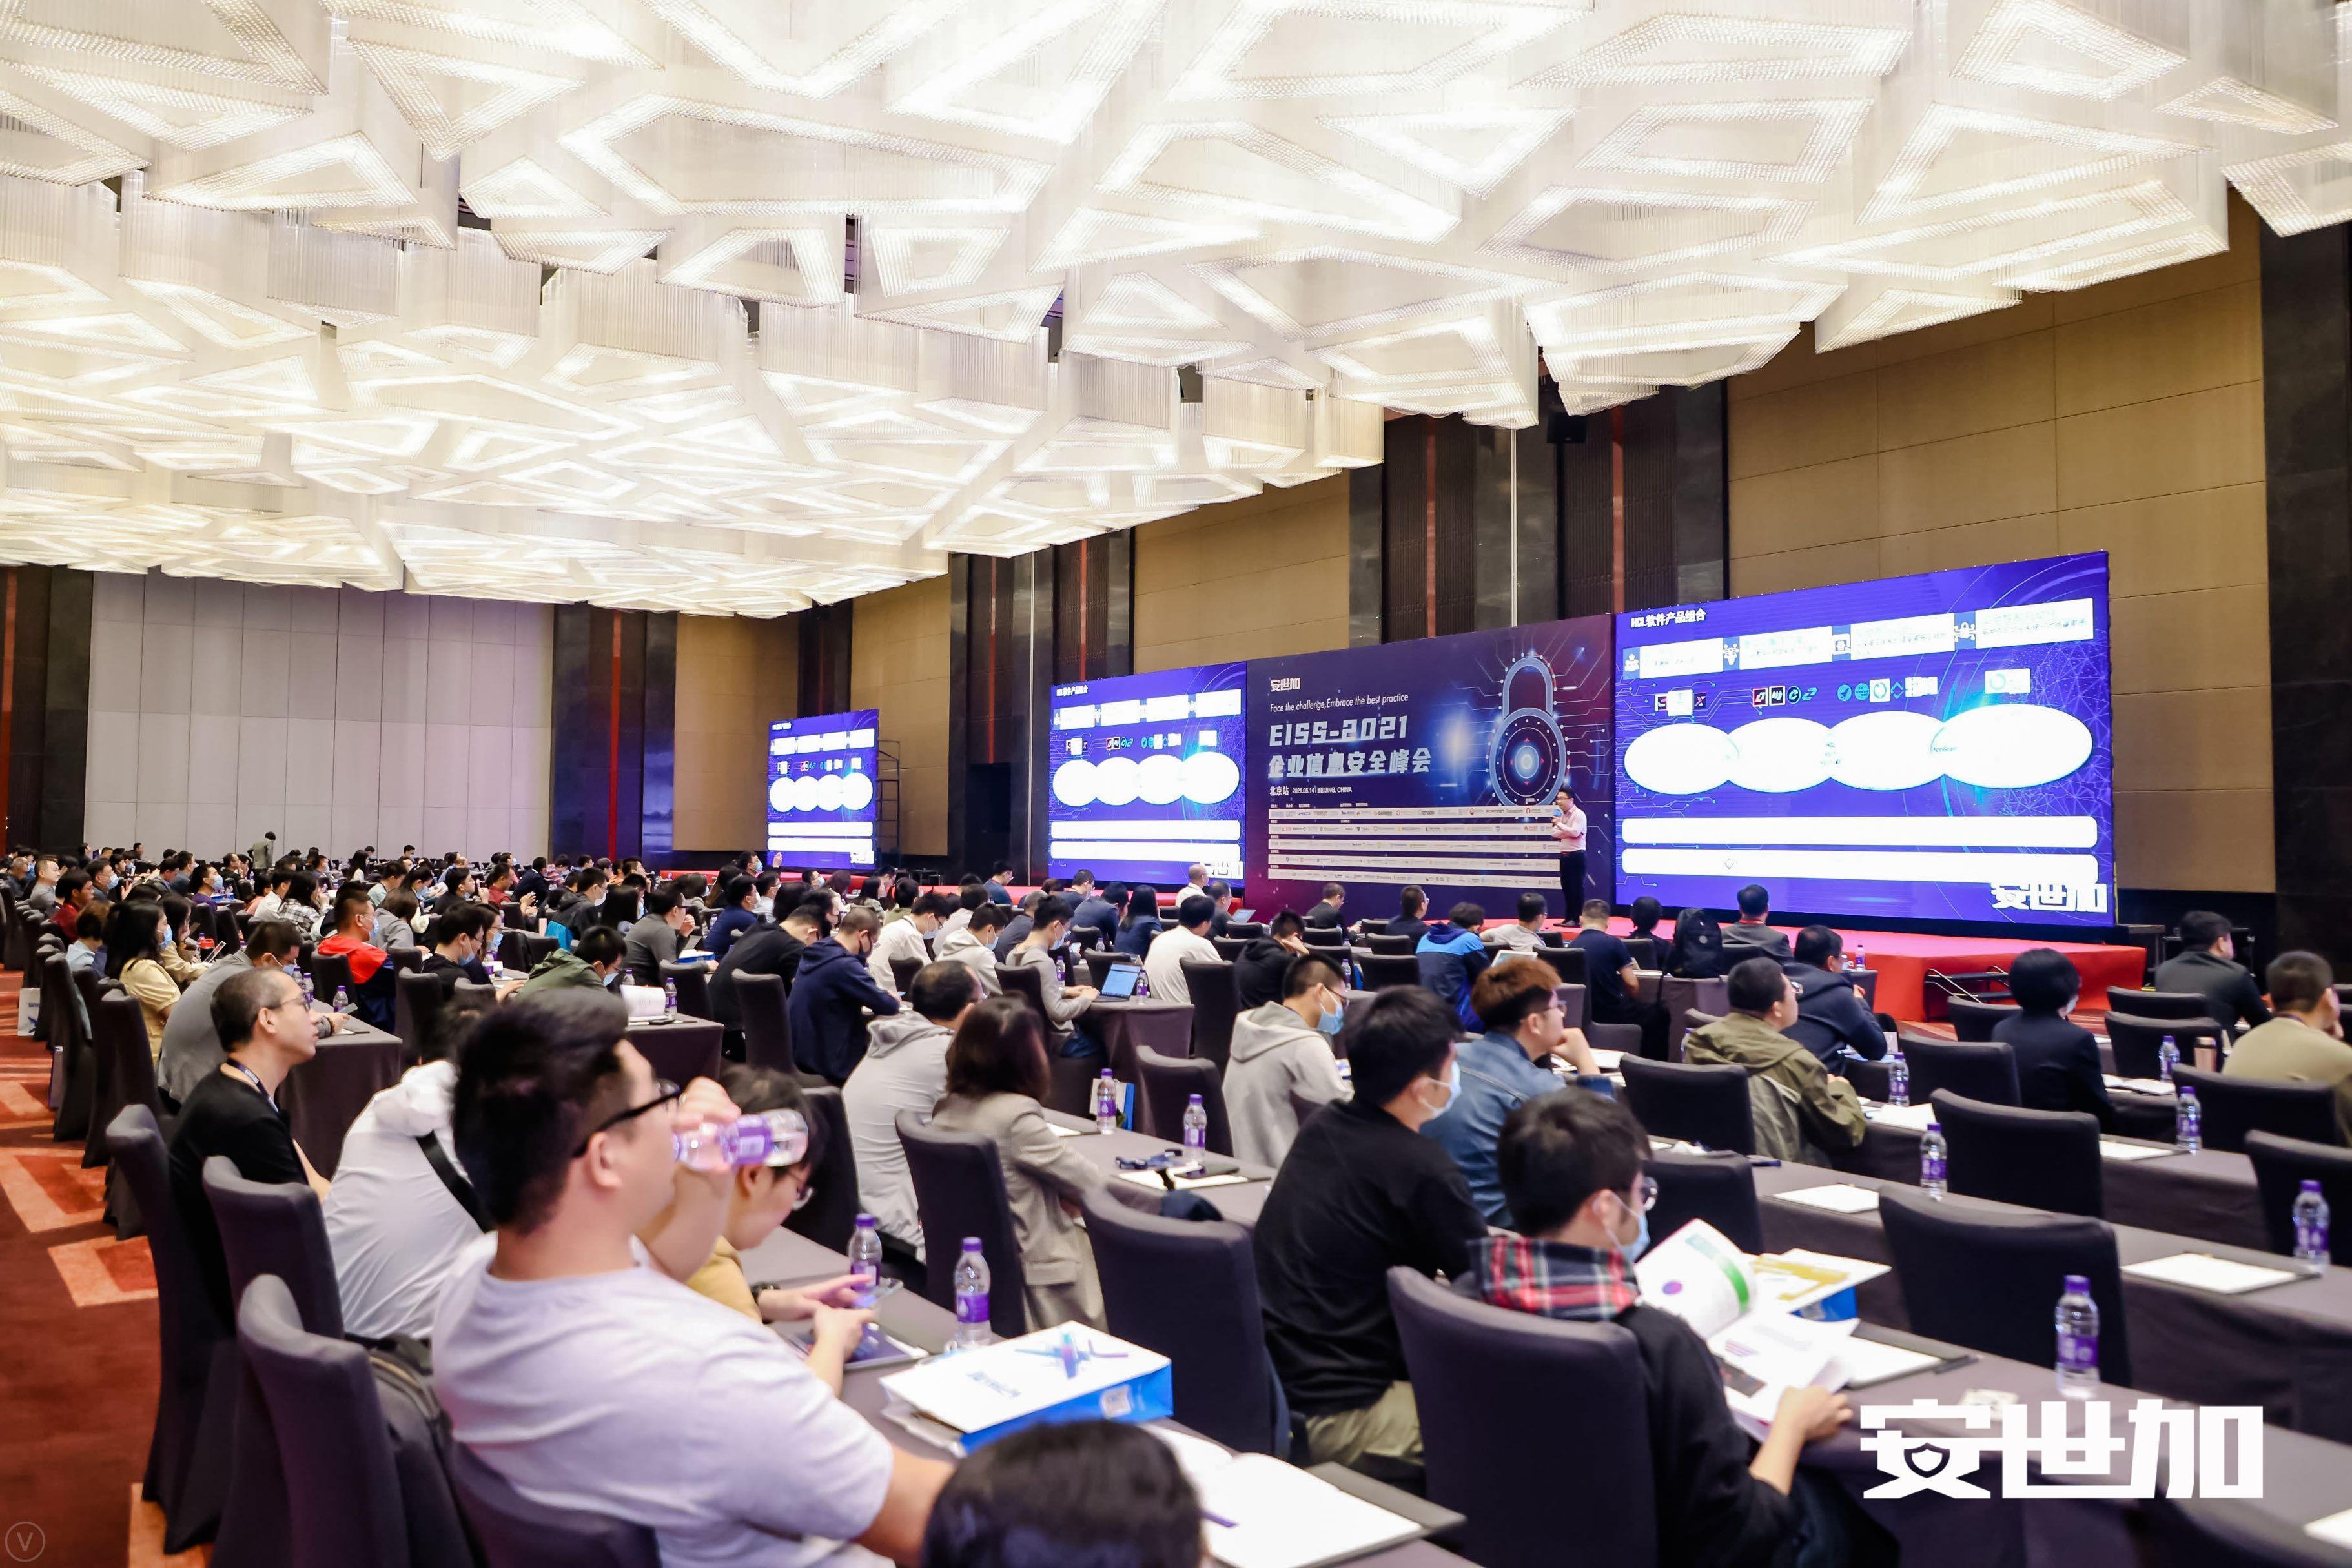 完美落幕 | EISS-2021企业信息安全峰会之北京站 5月14日成功举办